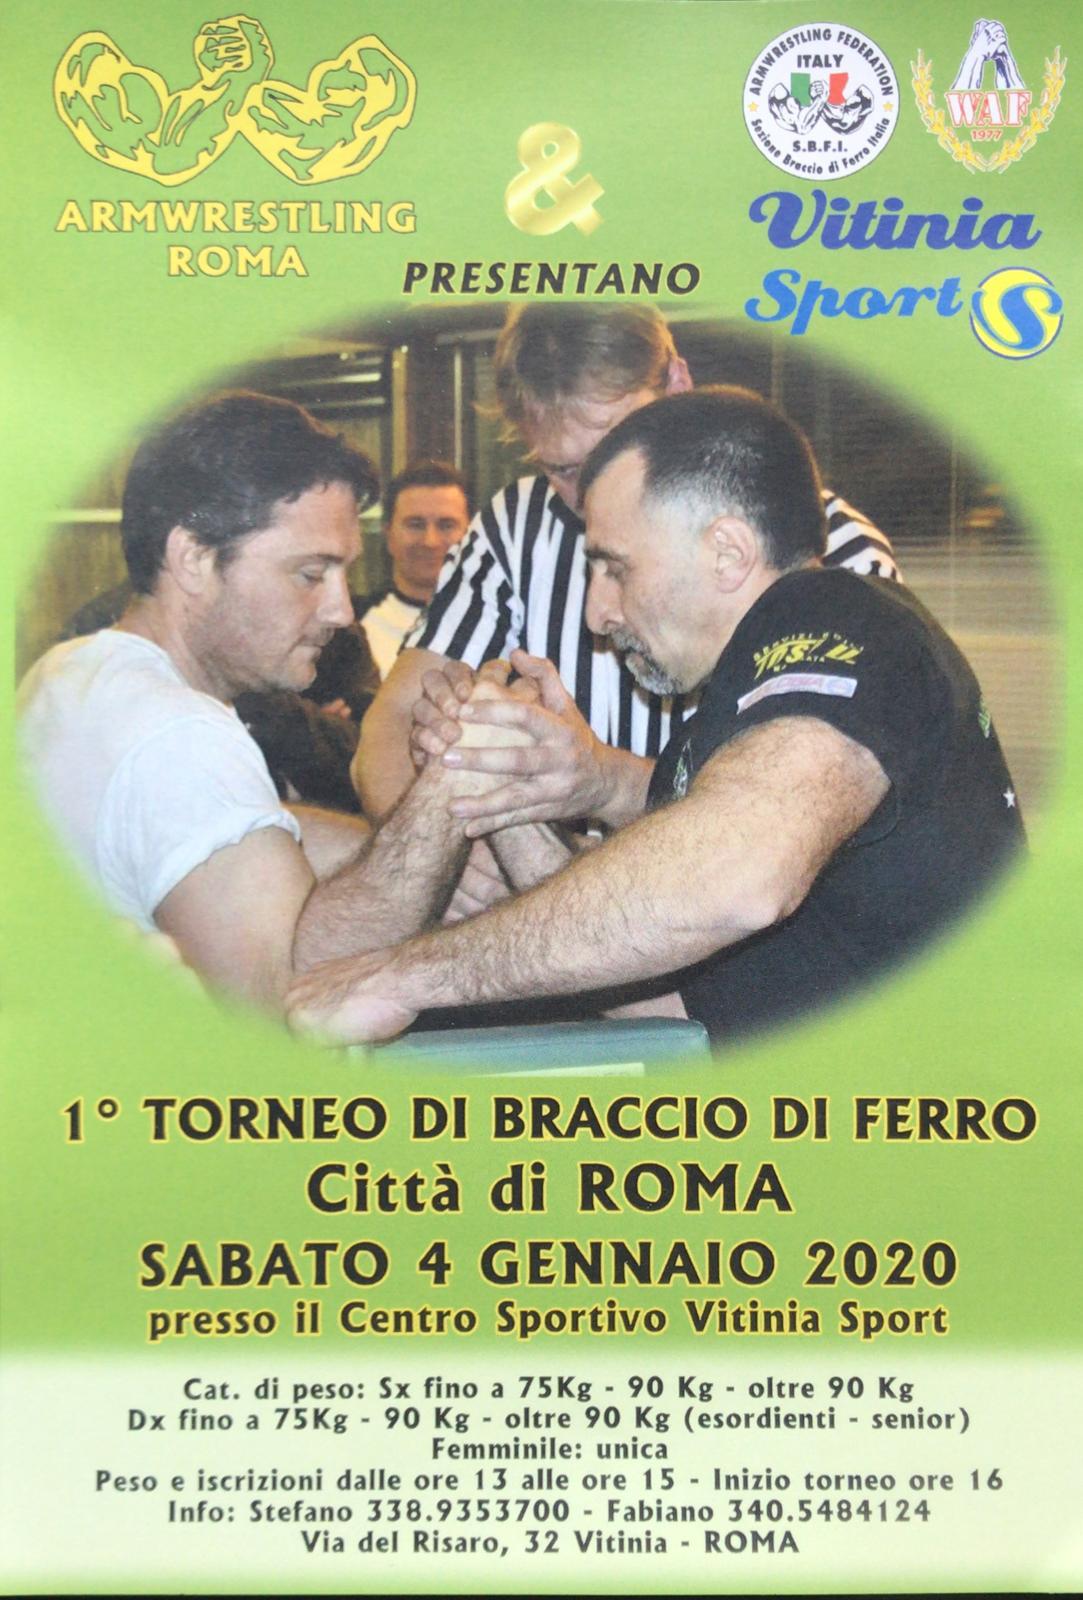 SBFI - Sezione Braccio di Ferro Italia - I Torneo citta di Roma